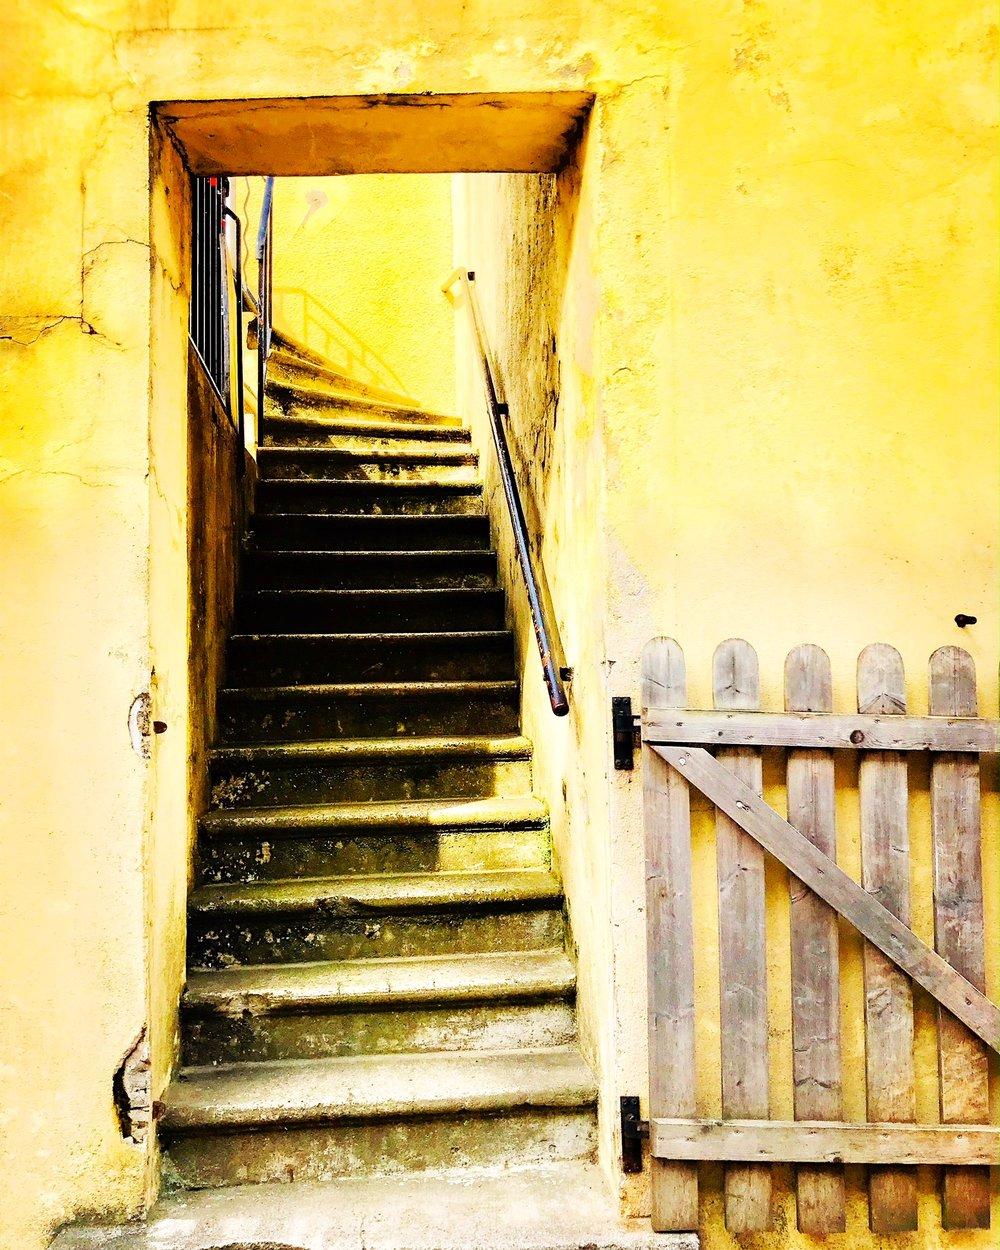 Stairway, Saint-Fortunat-sur-Eyrieux